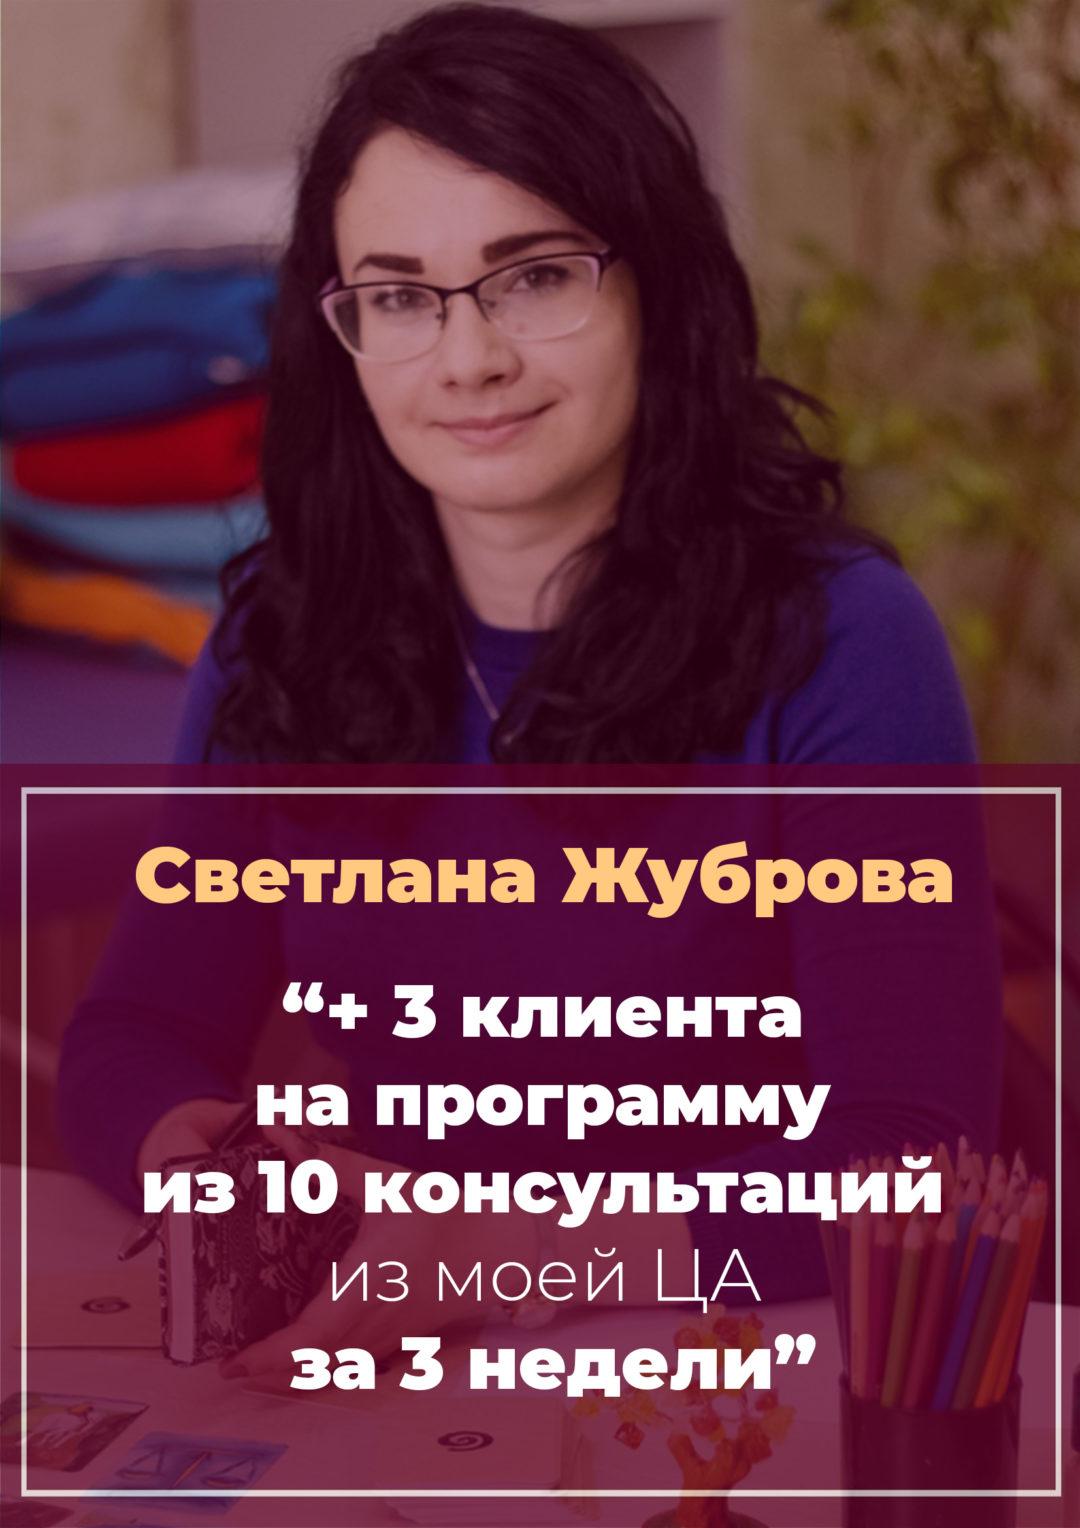 История Светланы Жубровой